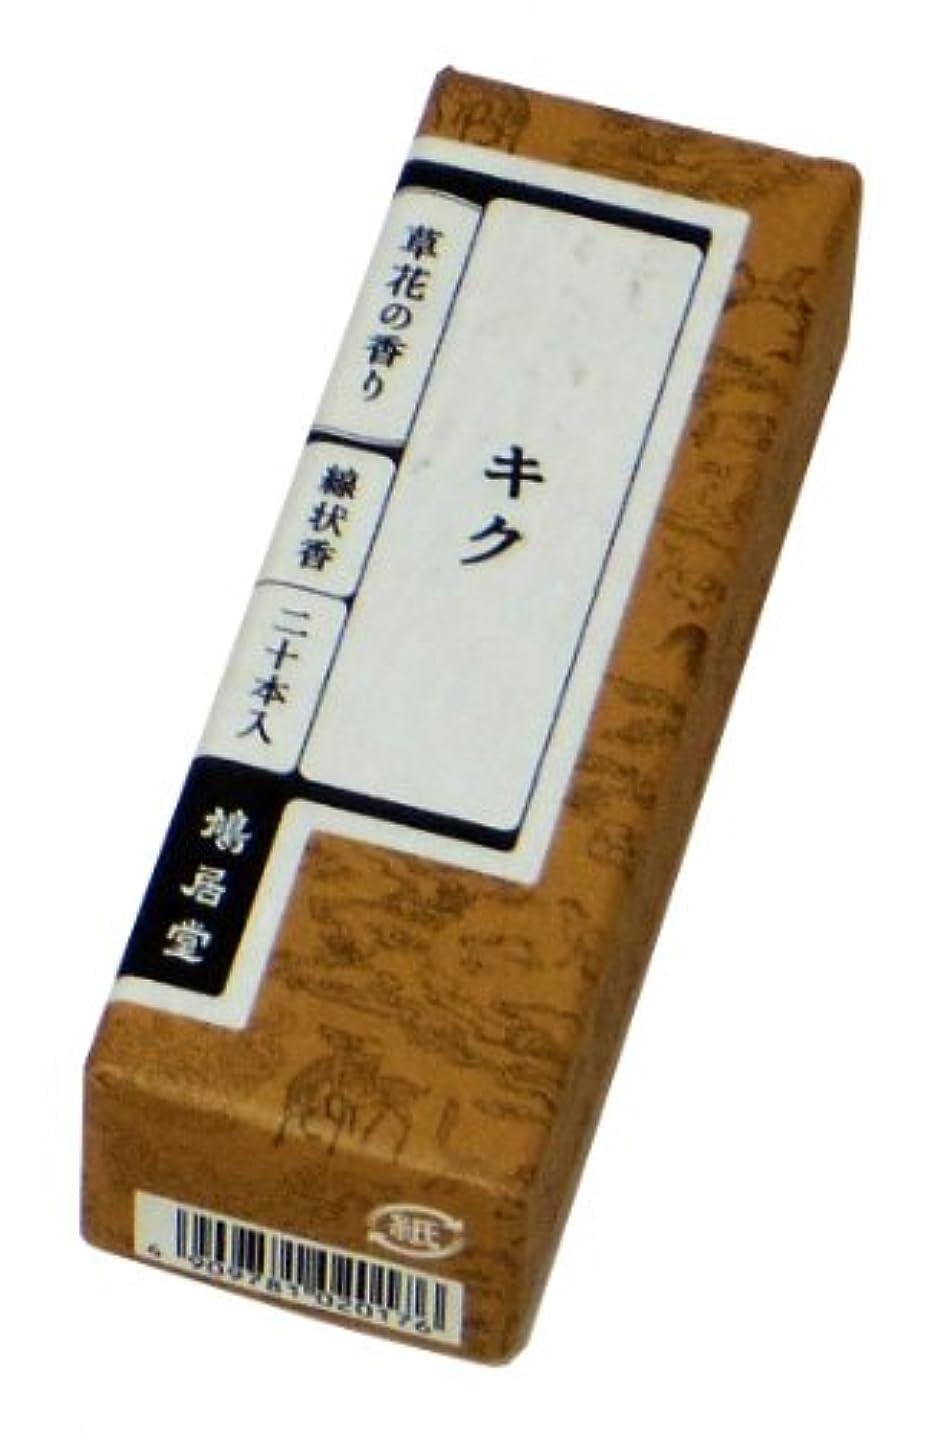 道を作る定刻文法鳩居堂のお香 草花の香り キク 20本入 6cm